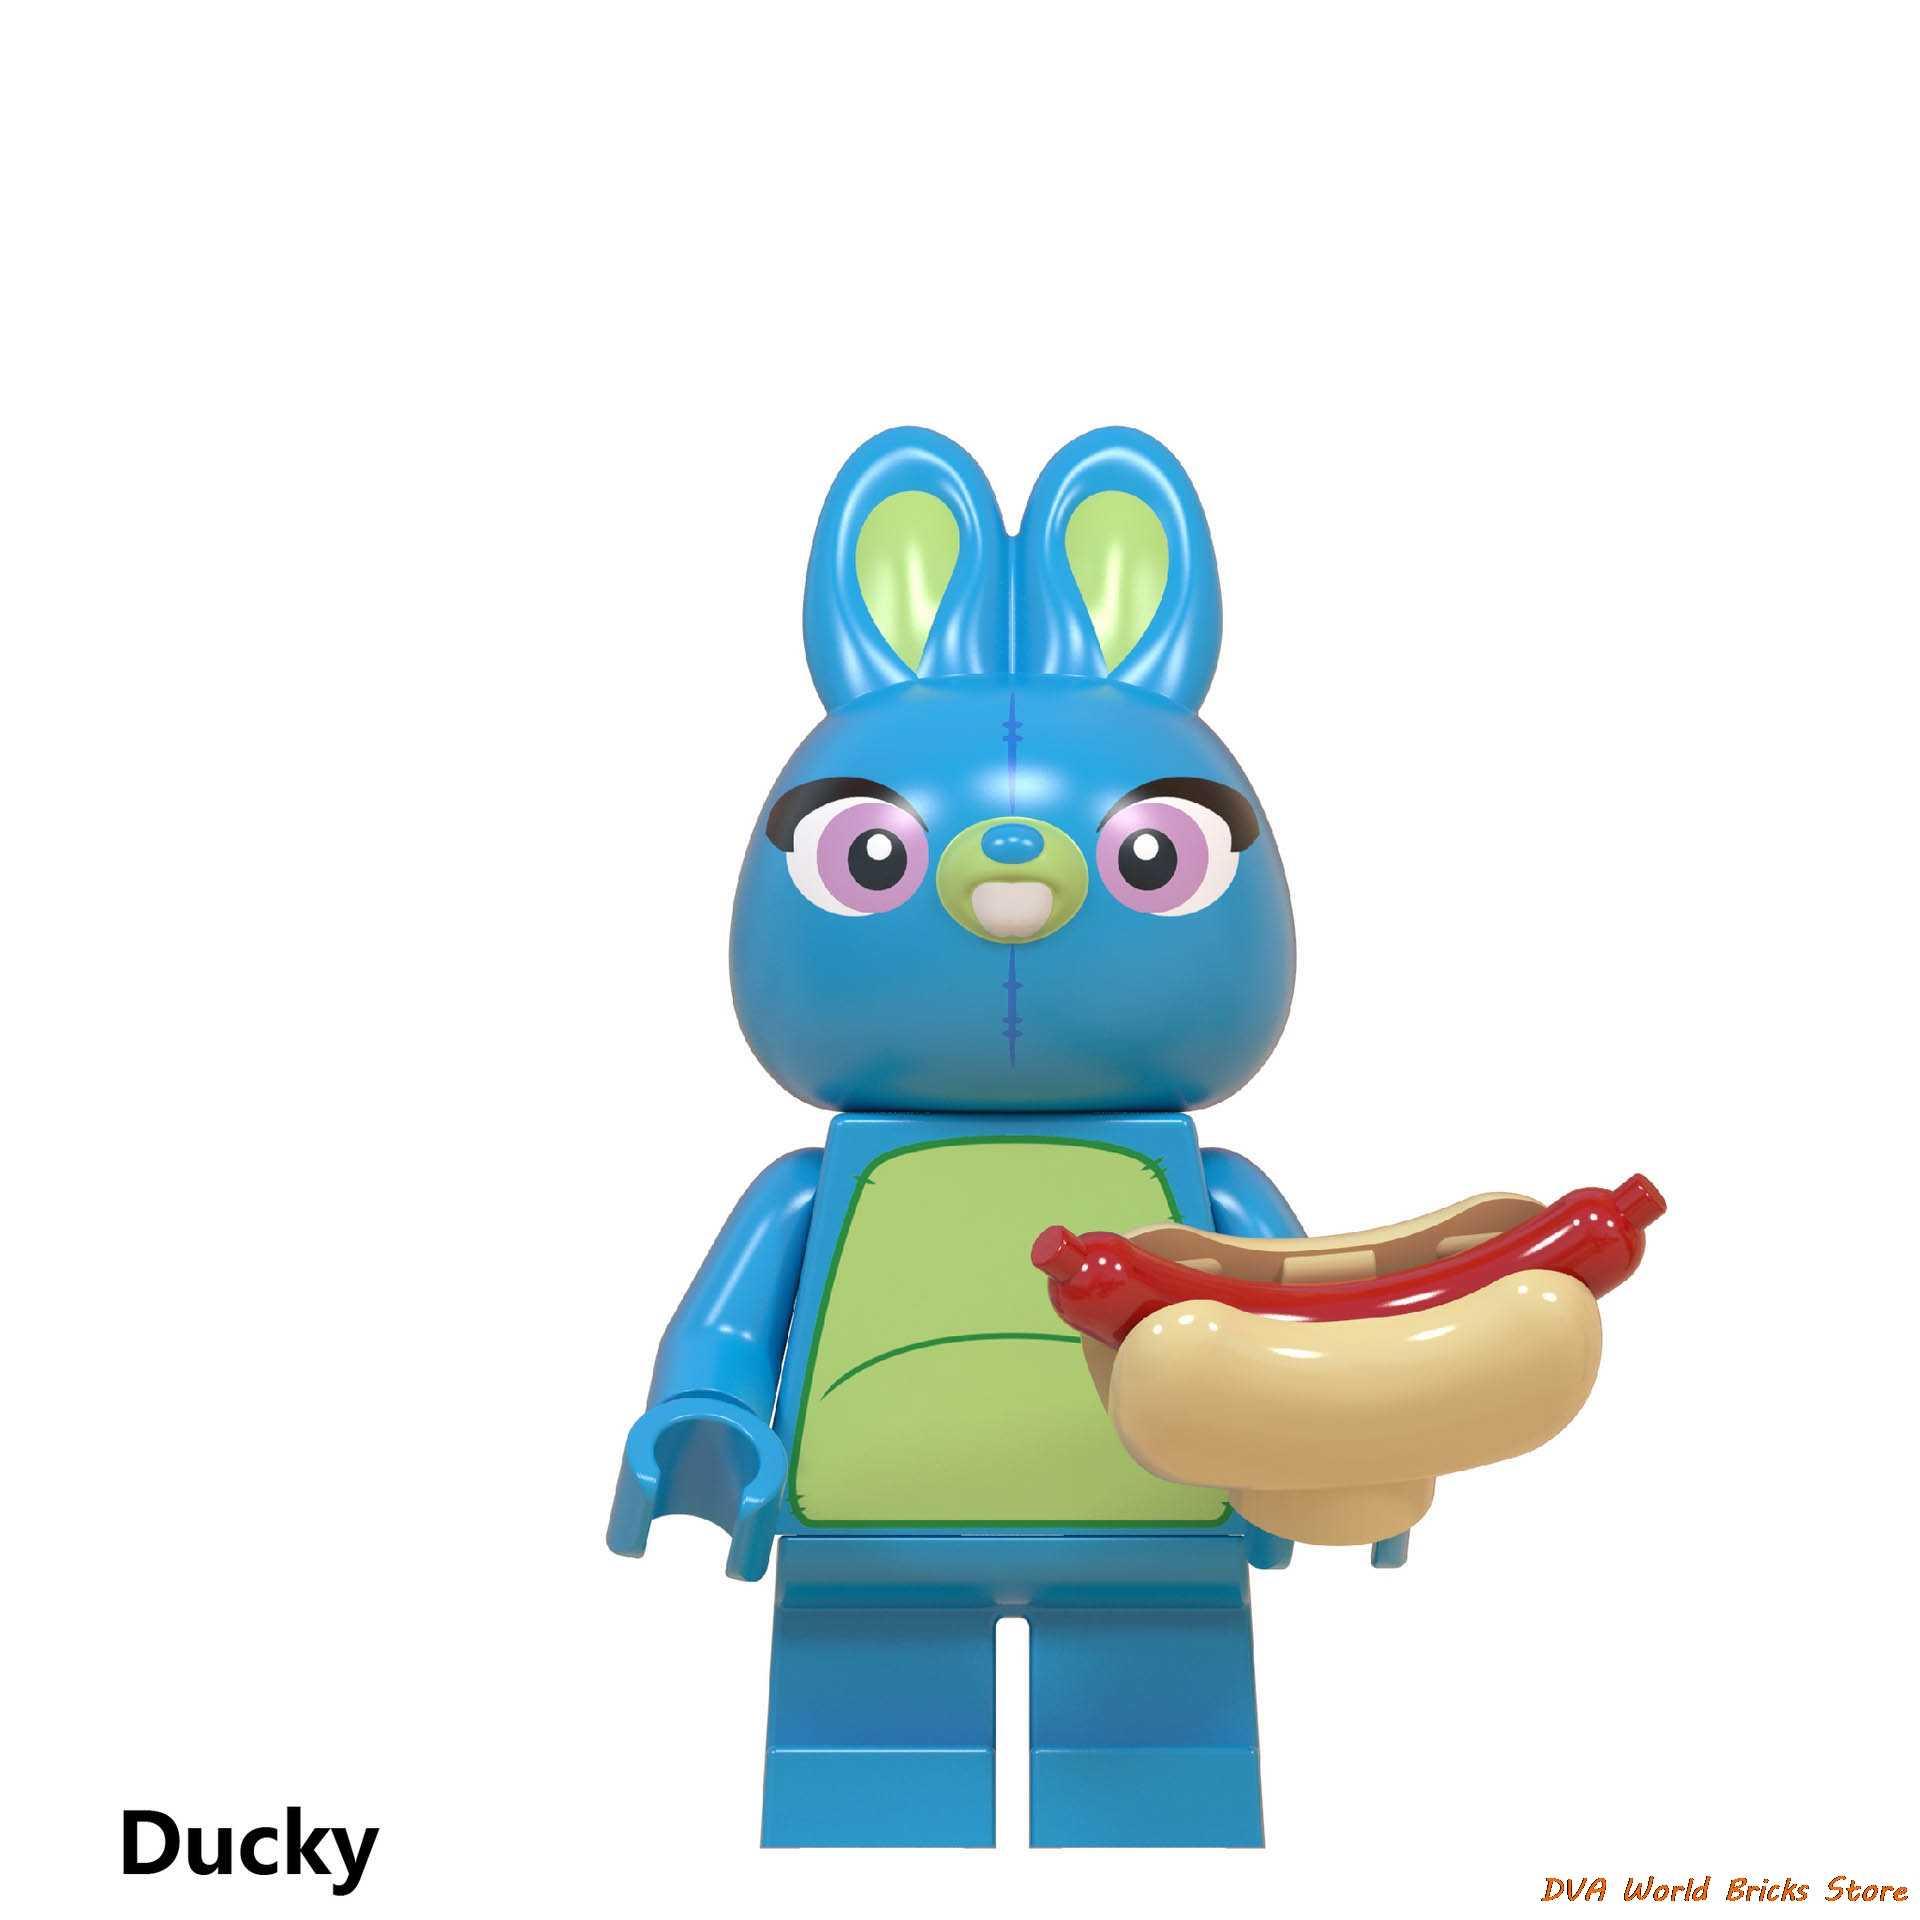 История игрушек 4 фигурки Вуди форки Базз Лайтер Габи красные сердца инопланетяне Джесси Бо Peep Ducky Caboom Строительные блоки Друзья кирпич